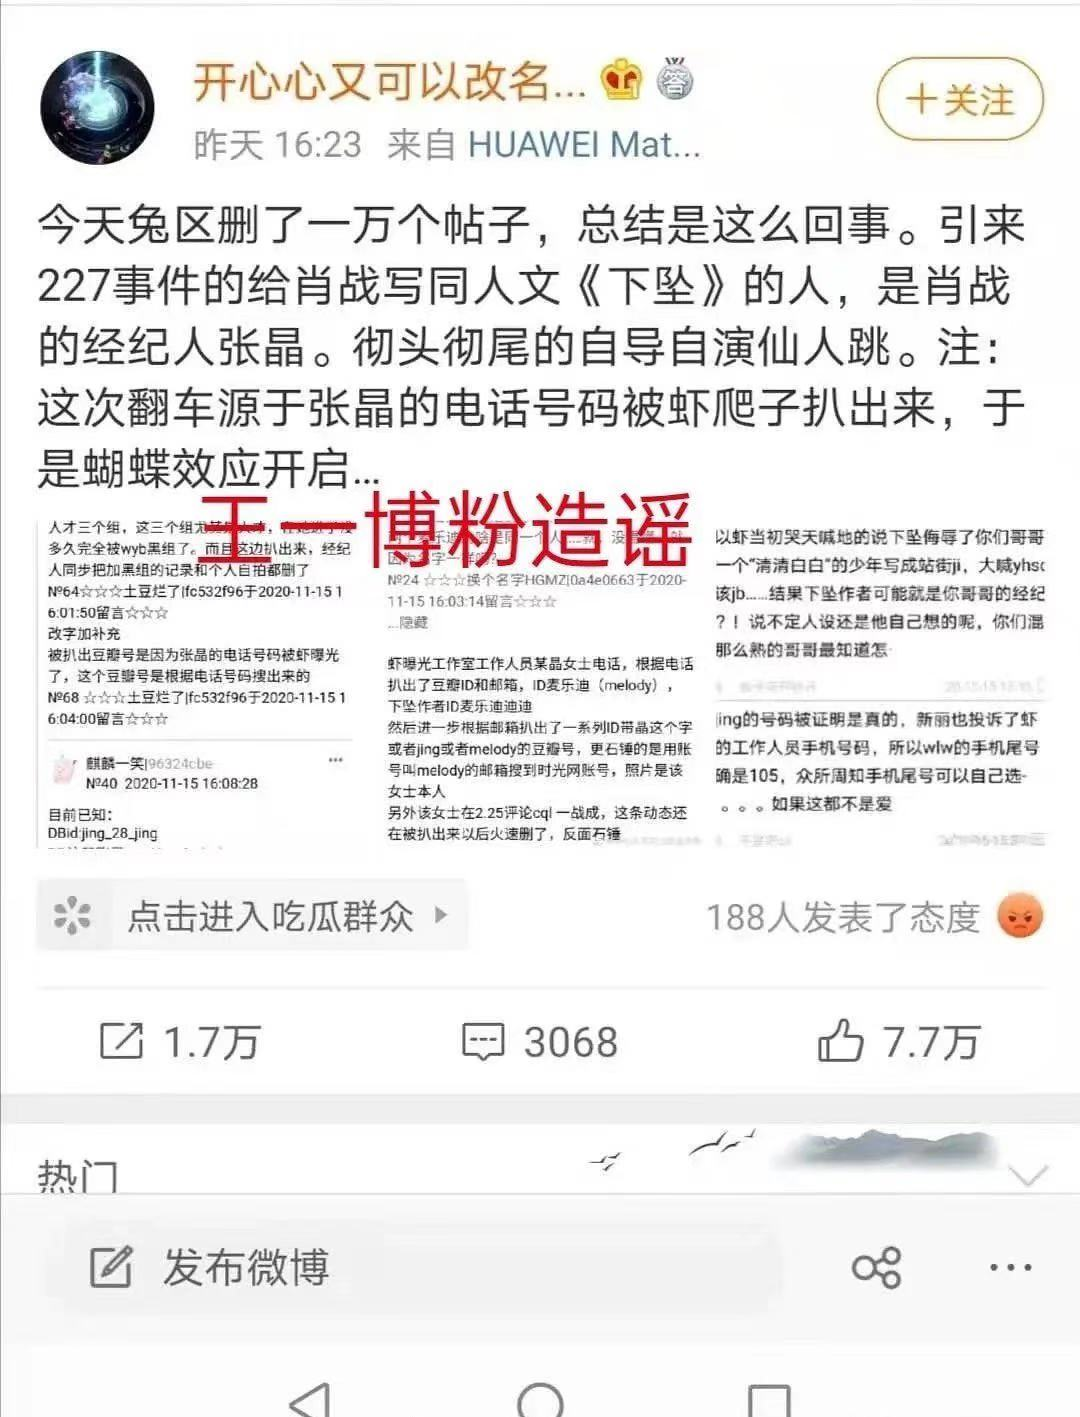 曝《下坠》作者是肖战经纪人,回应称太降智,造谣者疑王一博粉丝